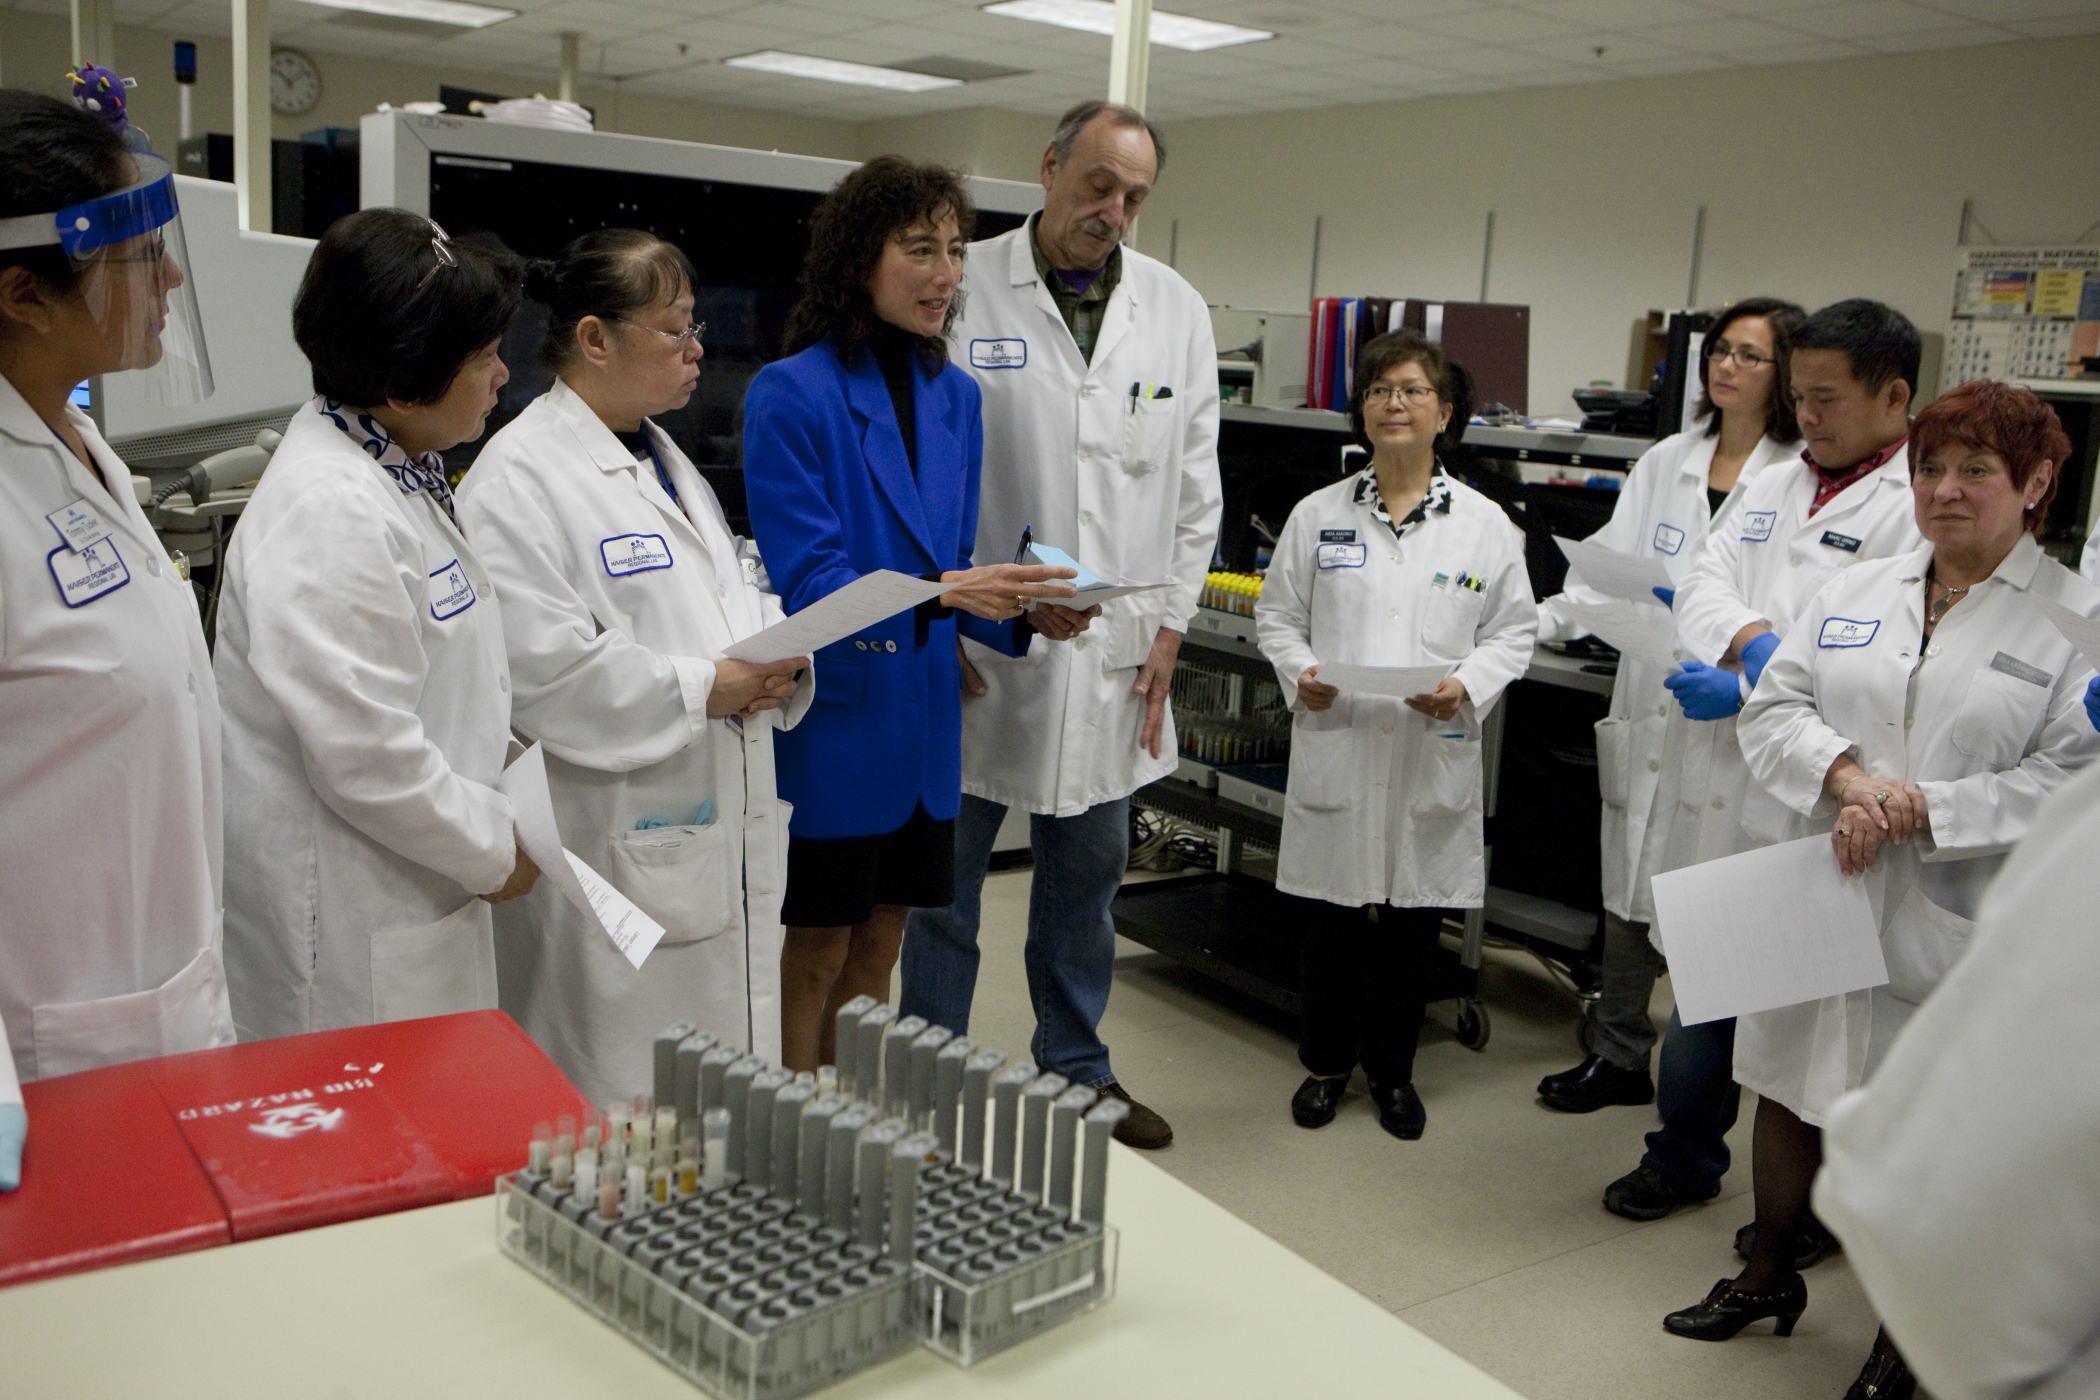 Berkeley Regional Lab team huddle.